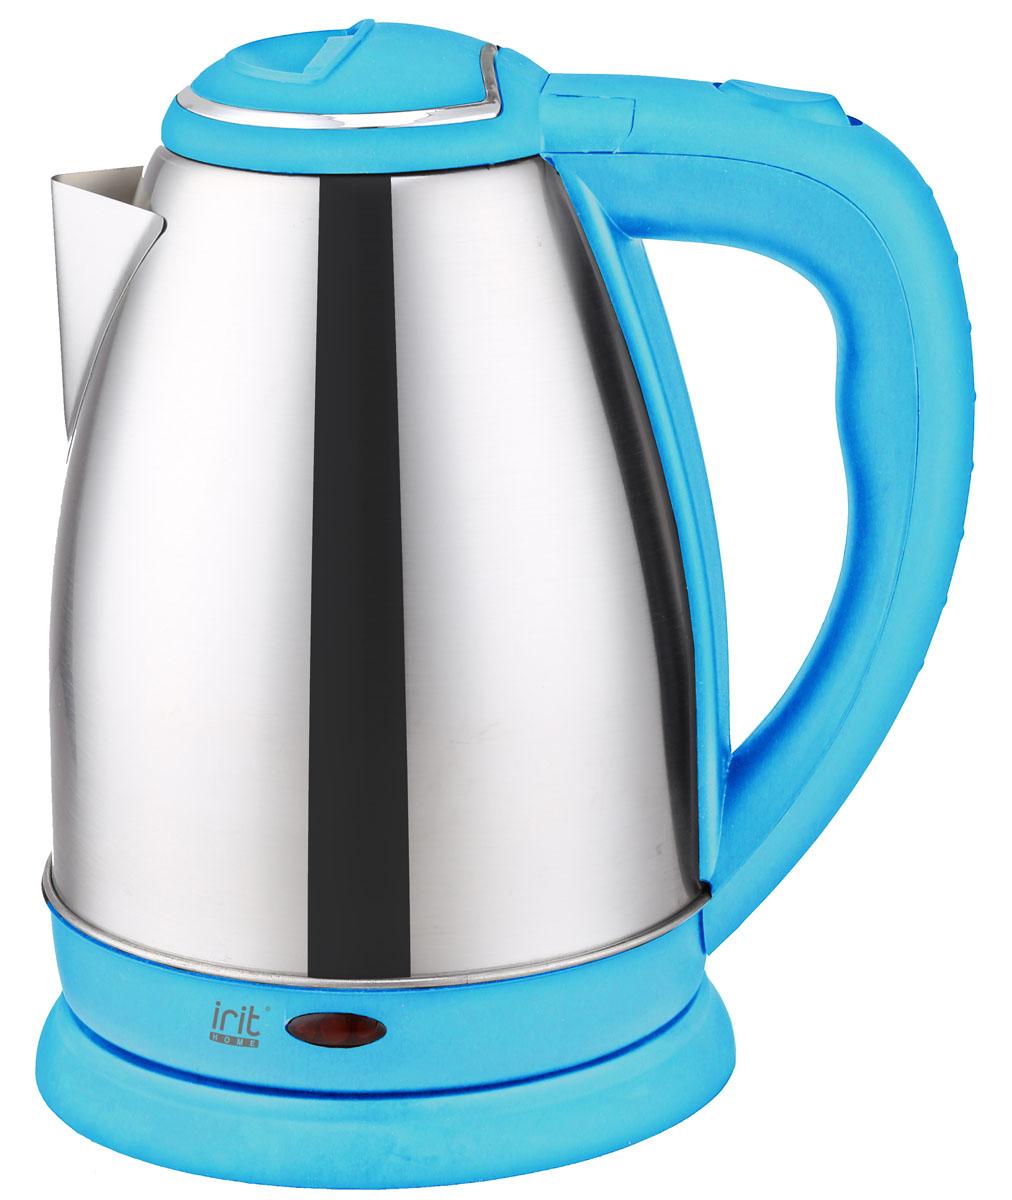 Irit IR-1337, Blue электрический чайникIR-1337_blueЧайник электрический, Мощность 1500 Вт, 1,8л. Дисковый нагревательный элемент, корпус из нержавеющей стали, возможность поворота чайника на подставке 360°, автоотключение при вскипании, защита от работы без воды, световой индикатор работы. Цвет голубой